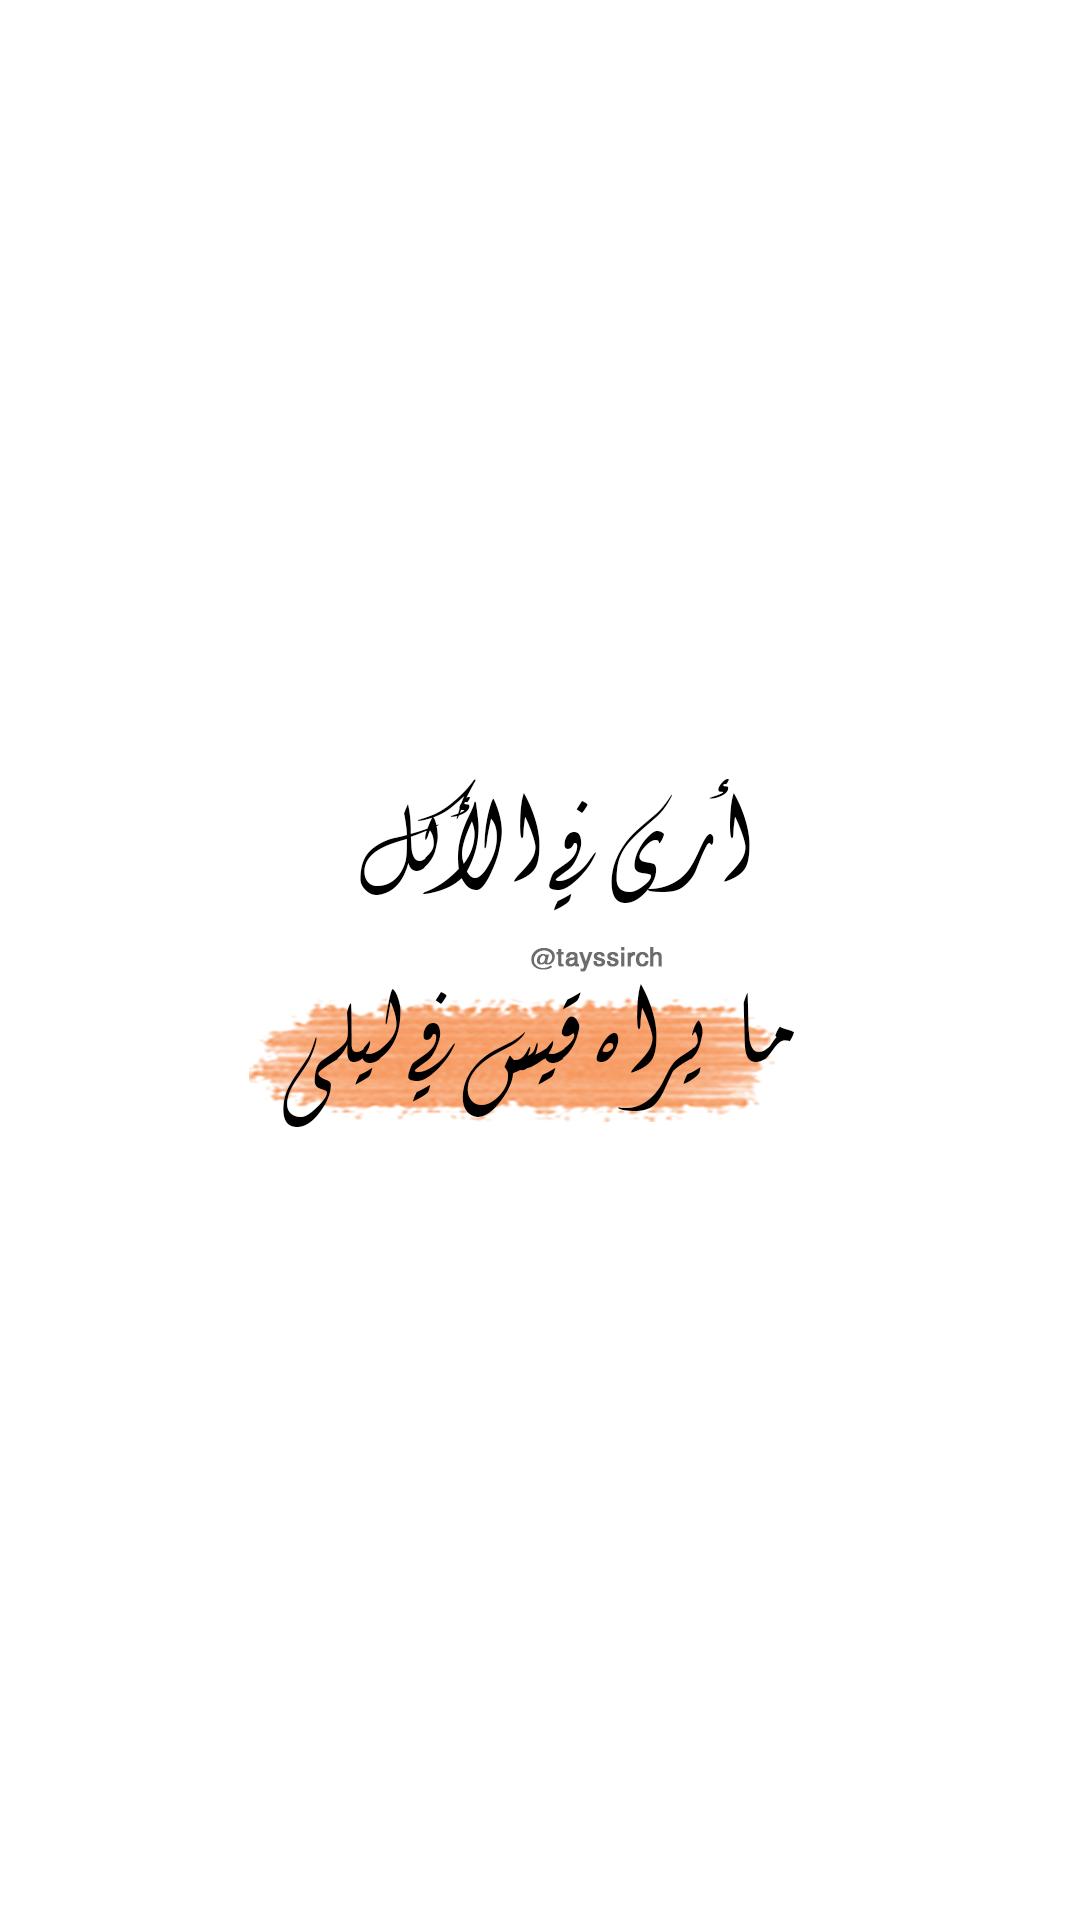 أرى في الأكل ما يراه قيس في ليلى Beautiful Arabic Words Funny Arabic Quotes Funny Quotes